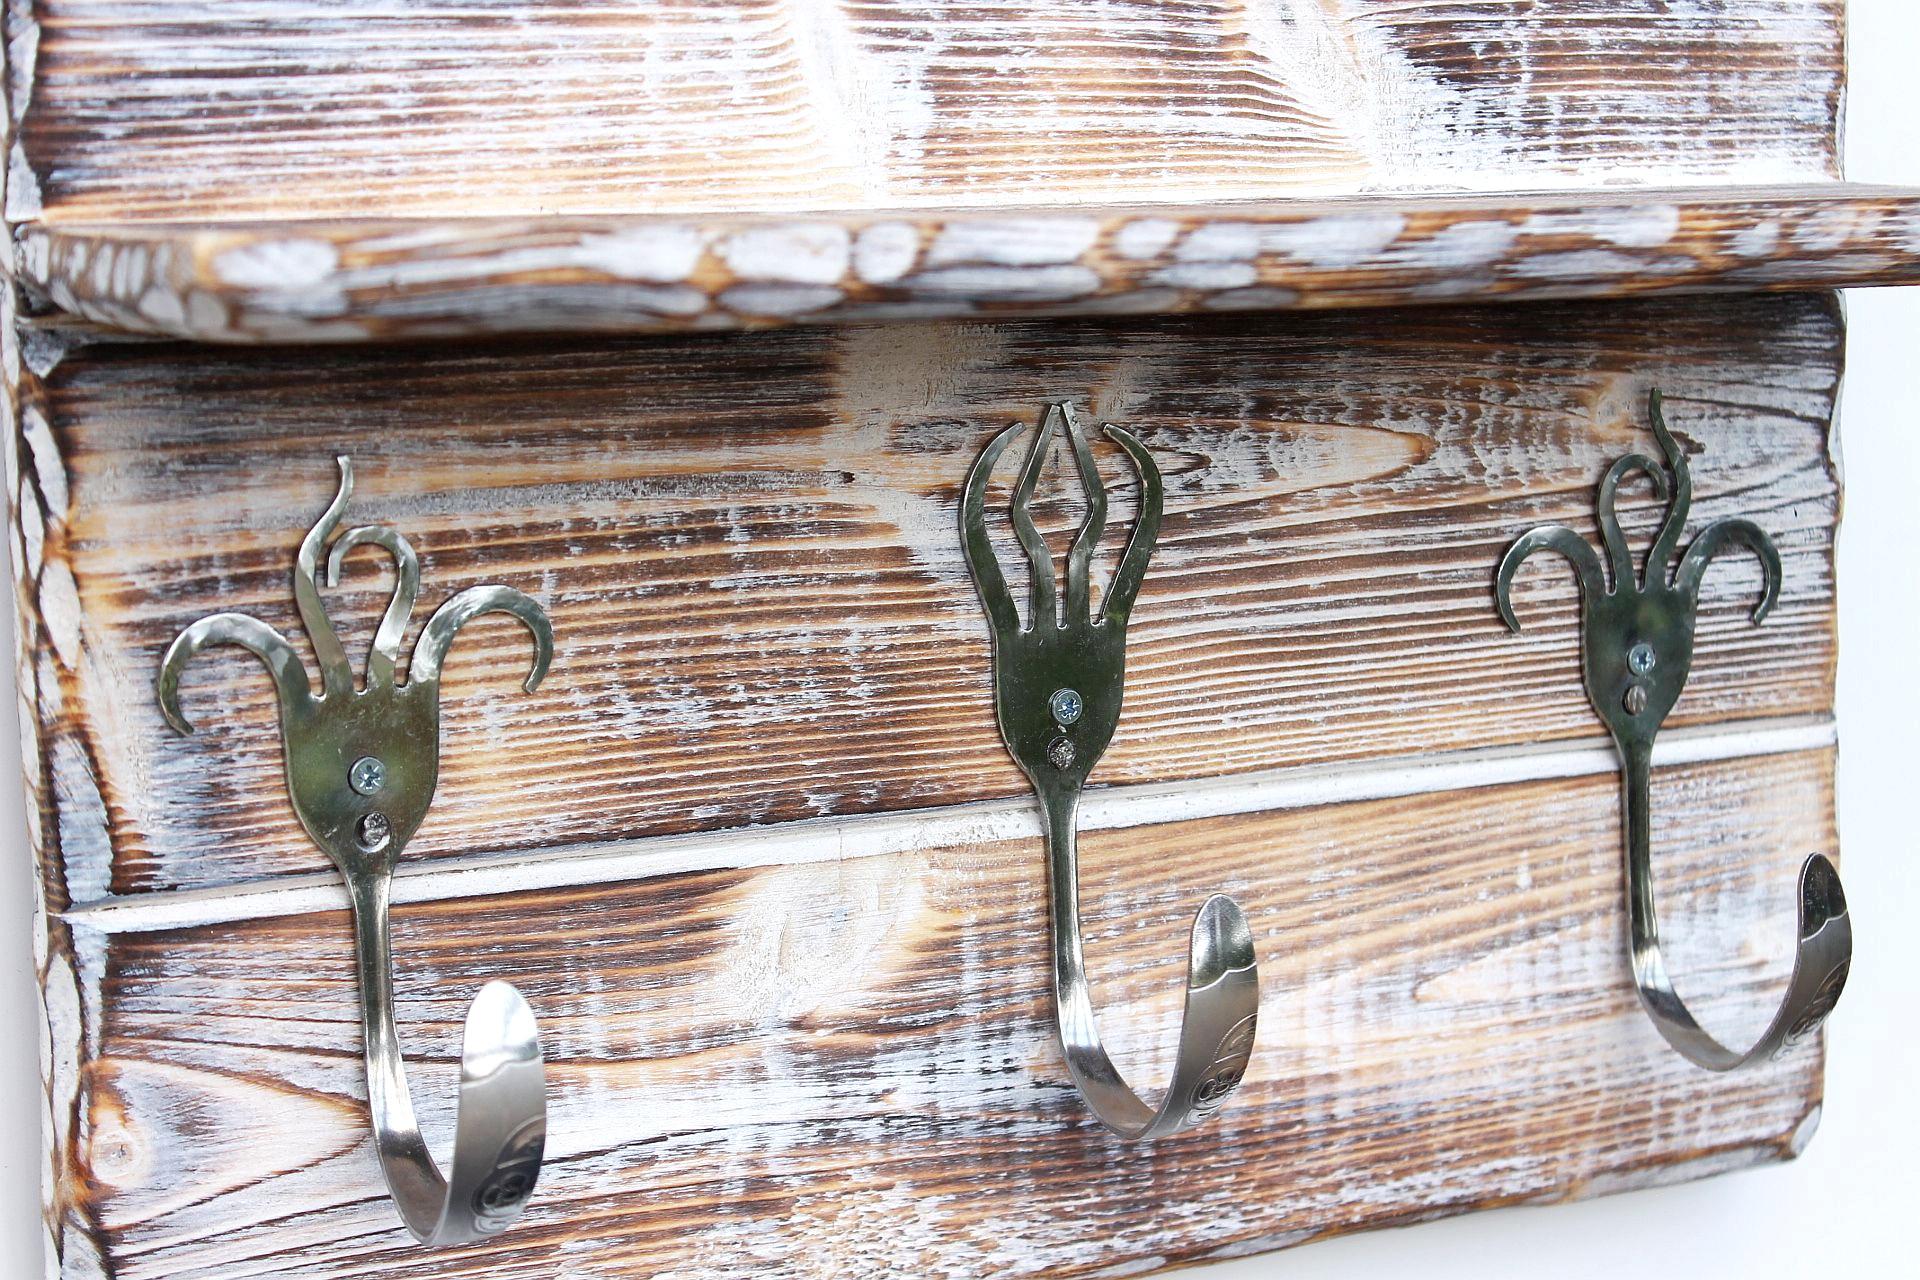 Full Size of Handtuch Halter Küche Dandibo Handtuchhaken Handtuchleiste Mit Ablage 1105 Miniküche Poco Wandbelag Hochschrank Fliesenspiegel Glas Kleine Einbauküche Miele Wohnzimmer Handtuch Halter Küche